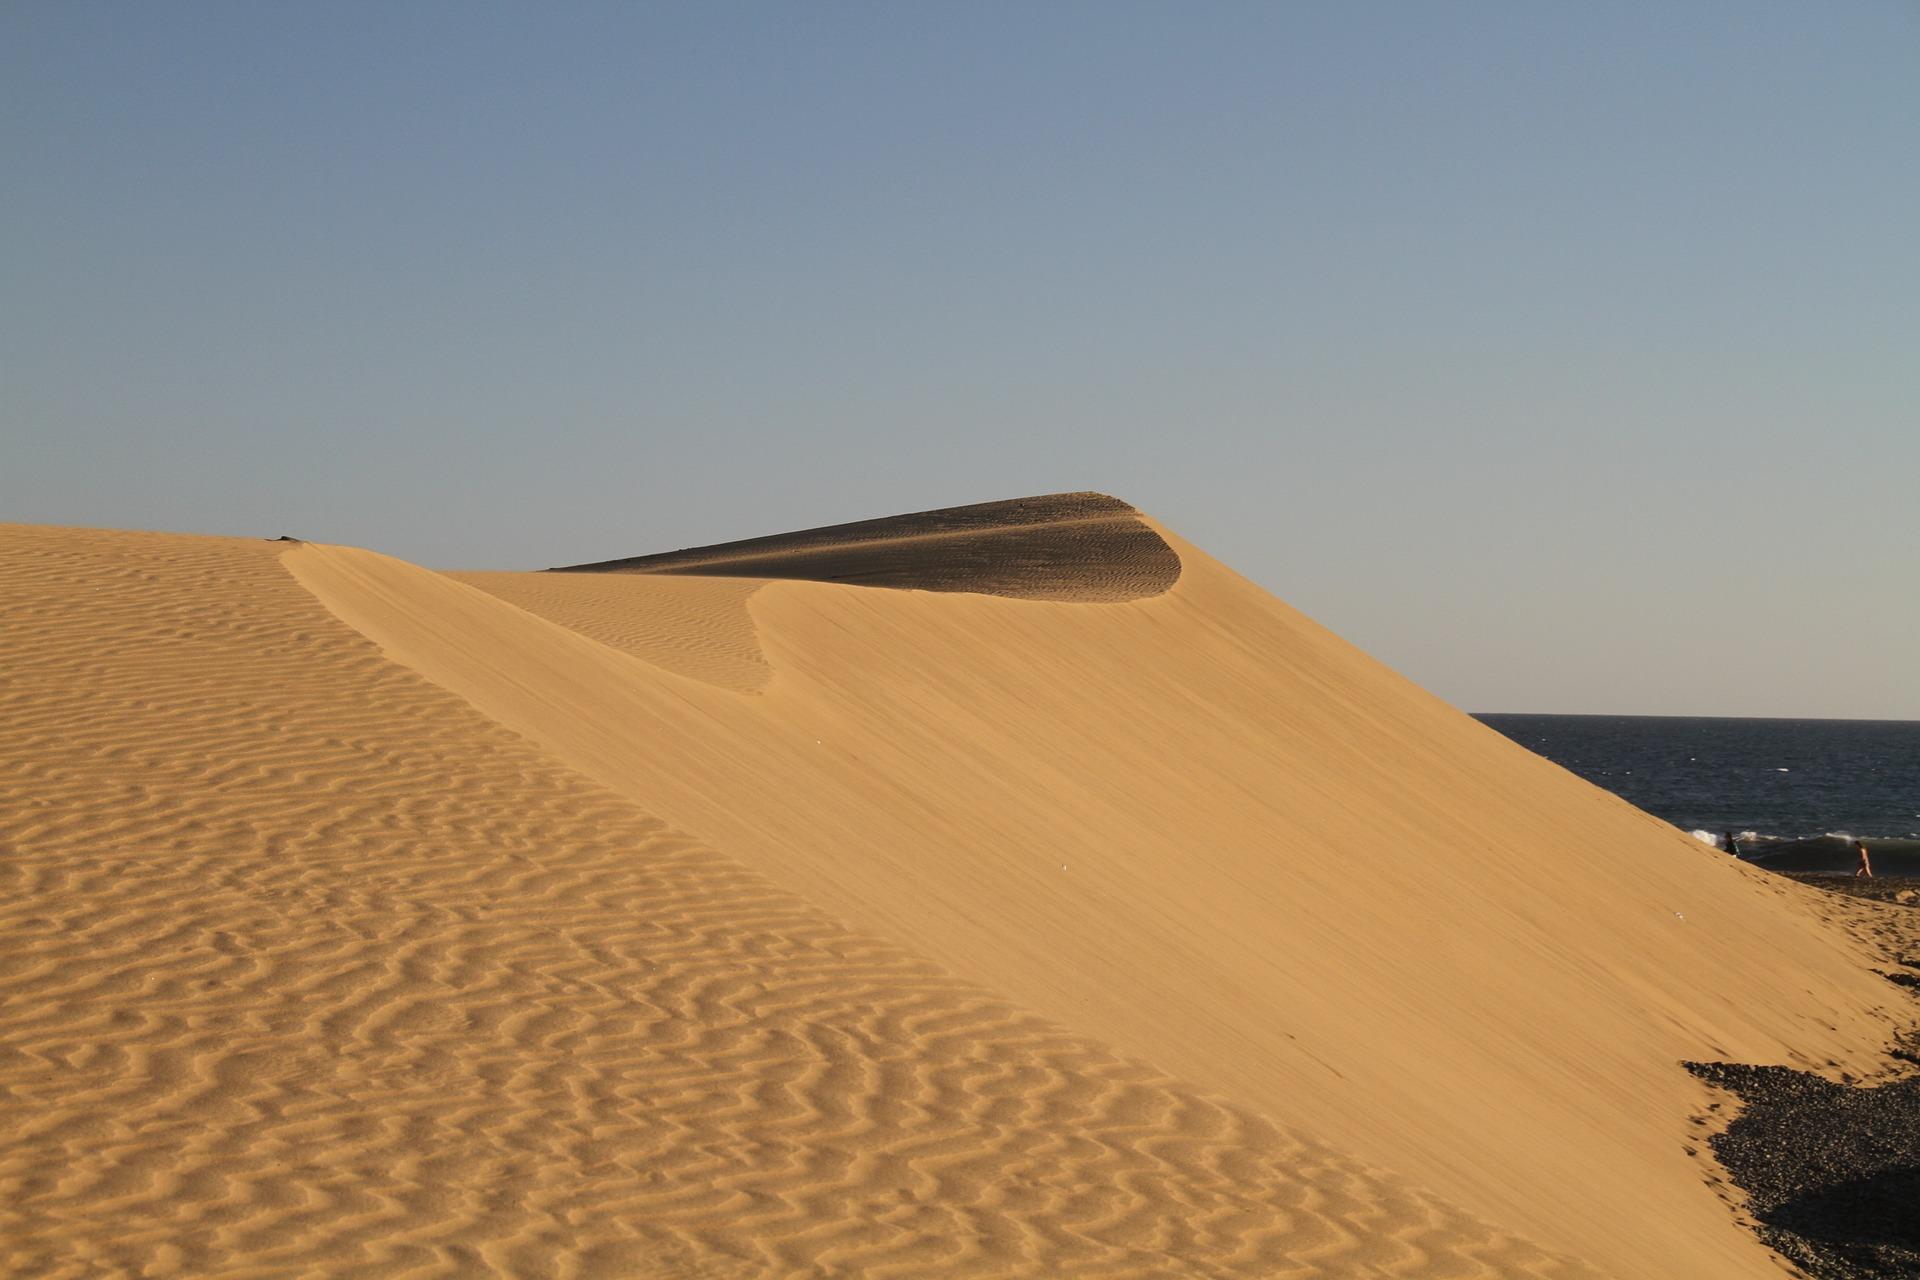 Einfach herrlich die Wüstenlandschaft